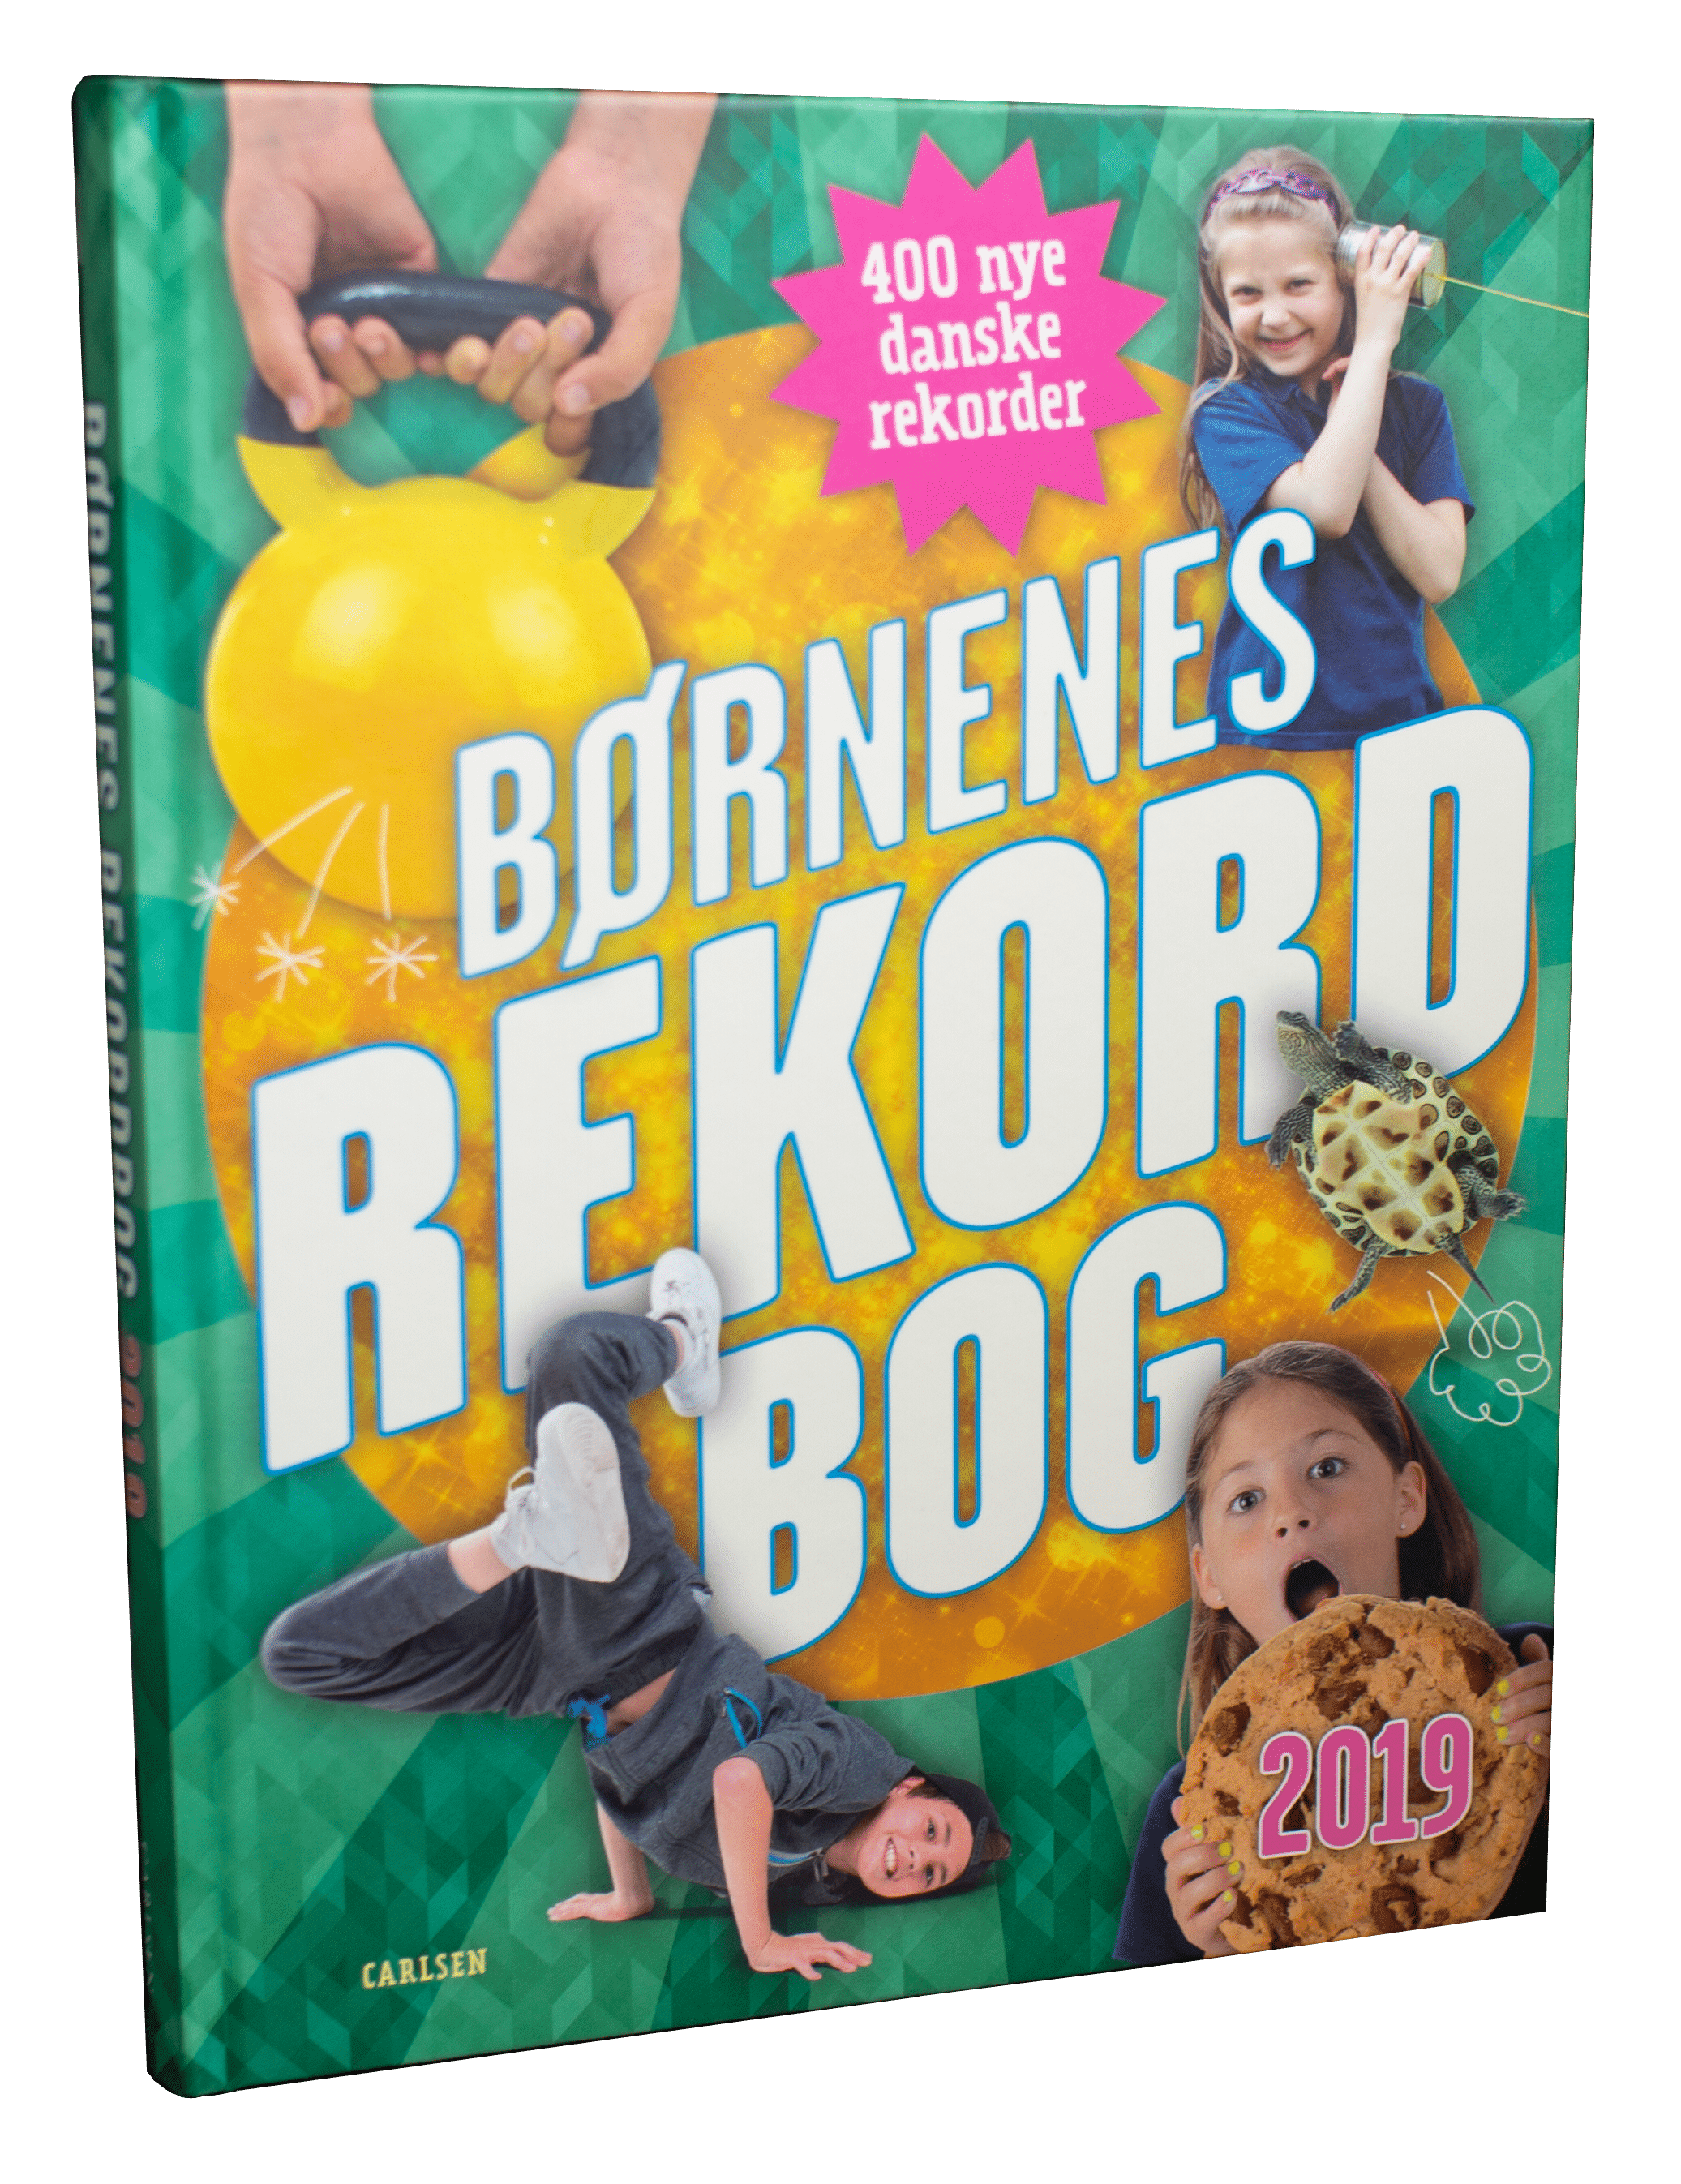 børnenes rekordbog, børnenes rekordbog 2019, rekordbog, børnebog, rekorder